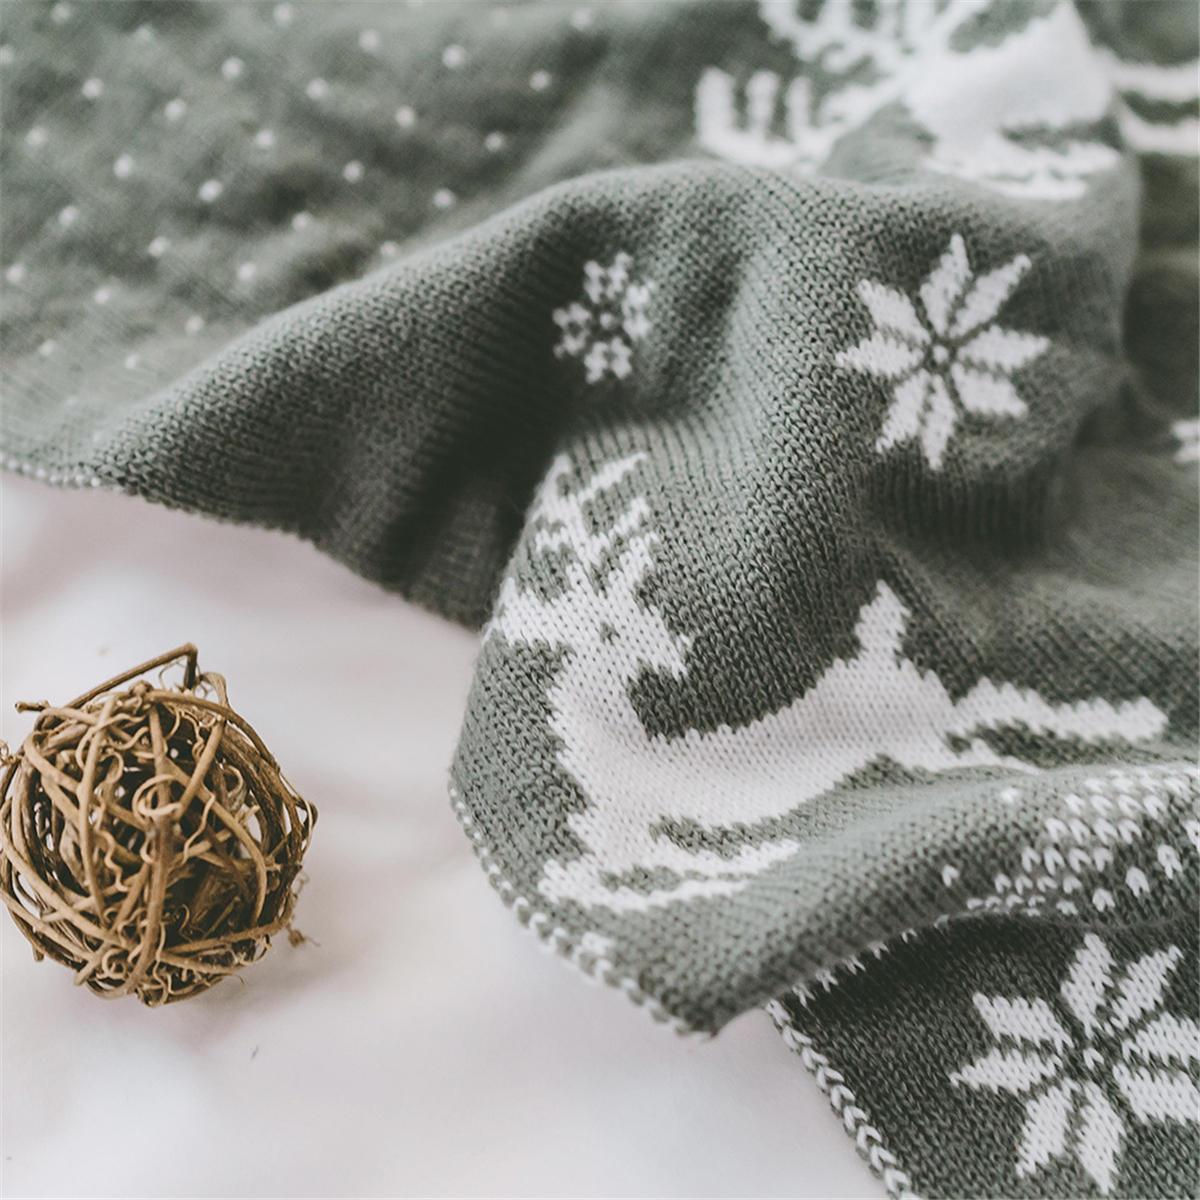 Christmas Elk Snowflake Knitted Blankets Throw Rug Sleeping Rug Bed Sofa Throws - 5